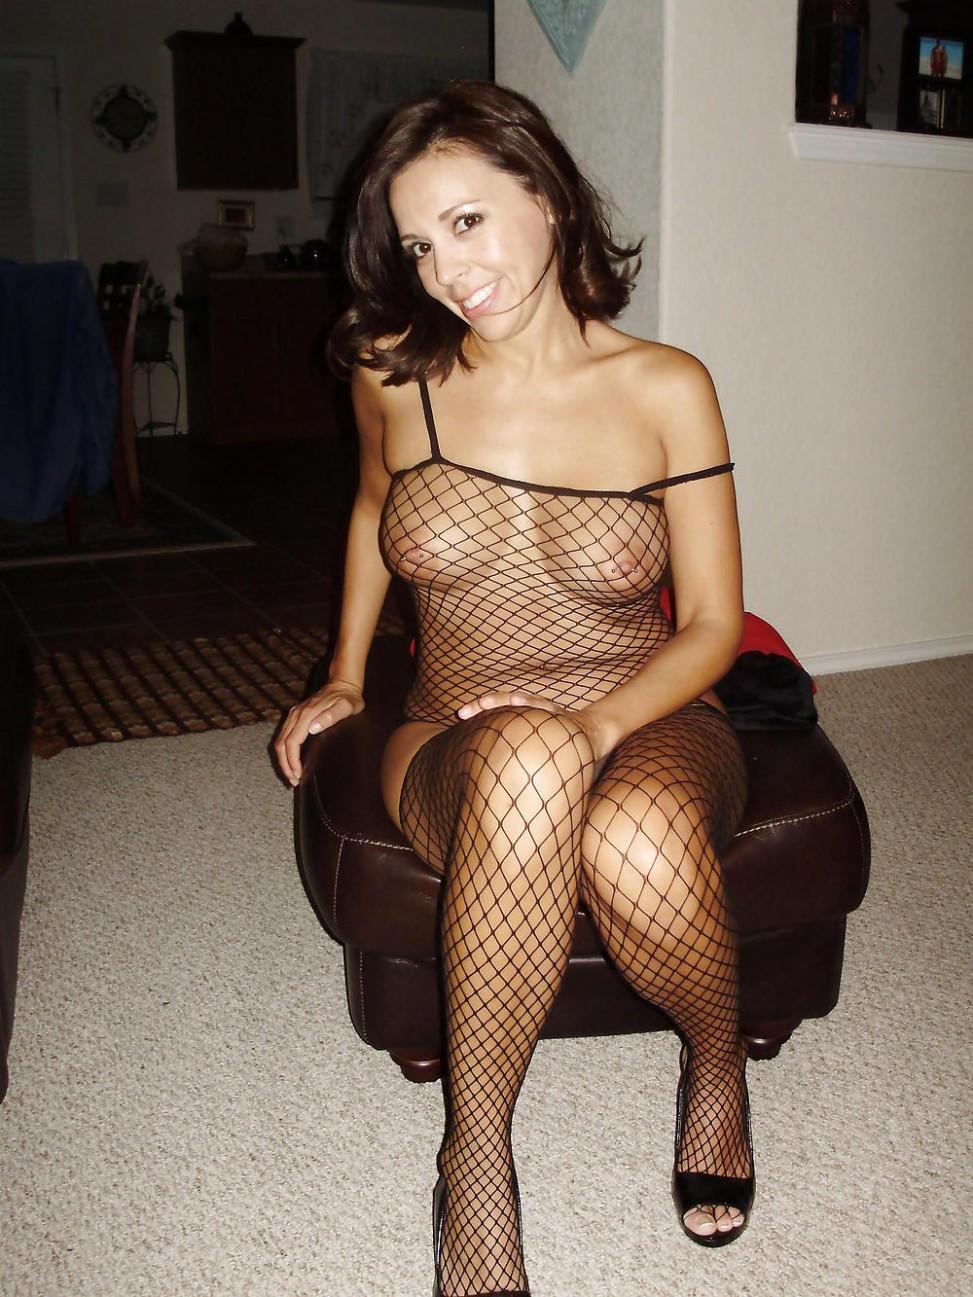 Big granny tits porn